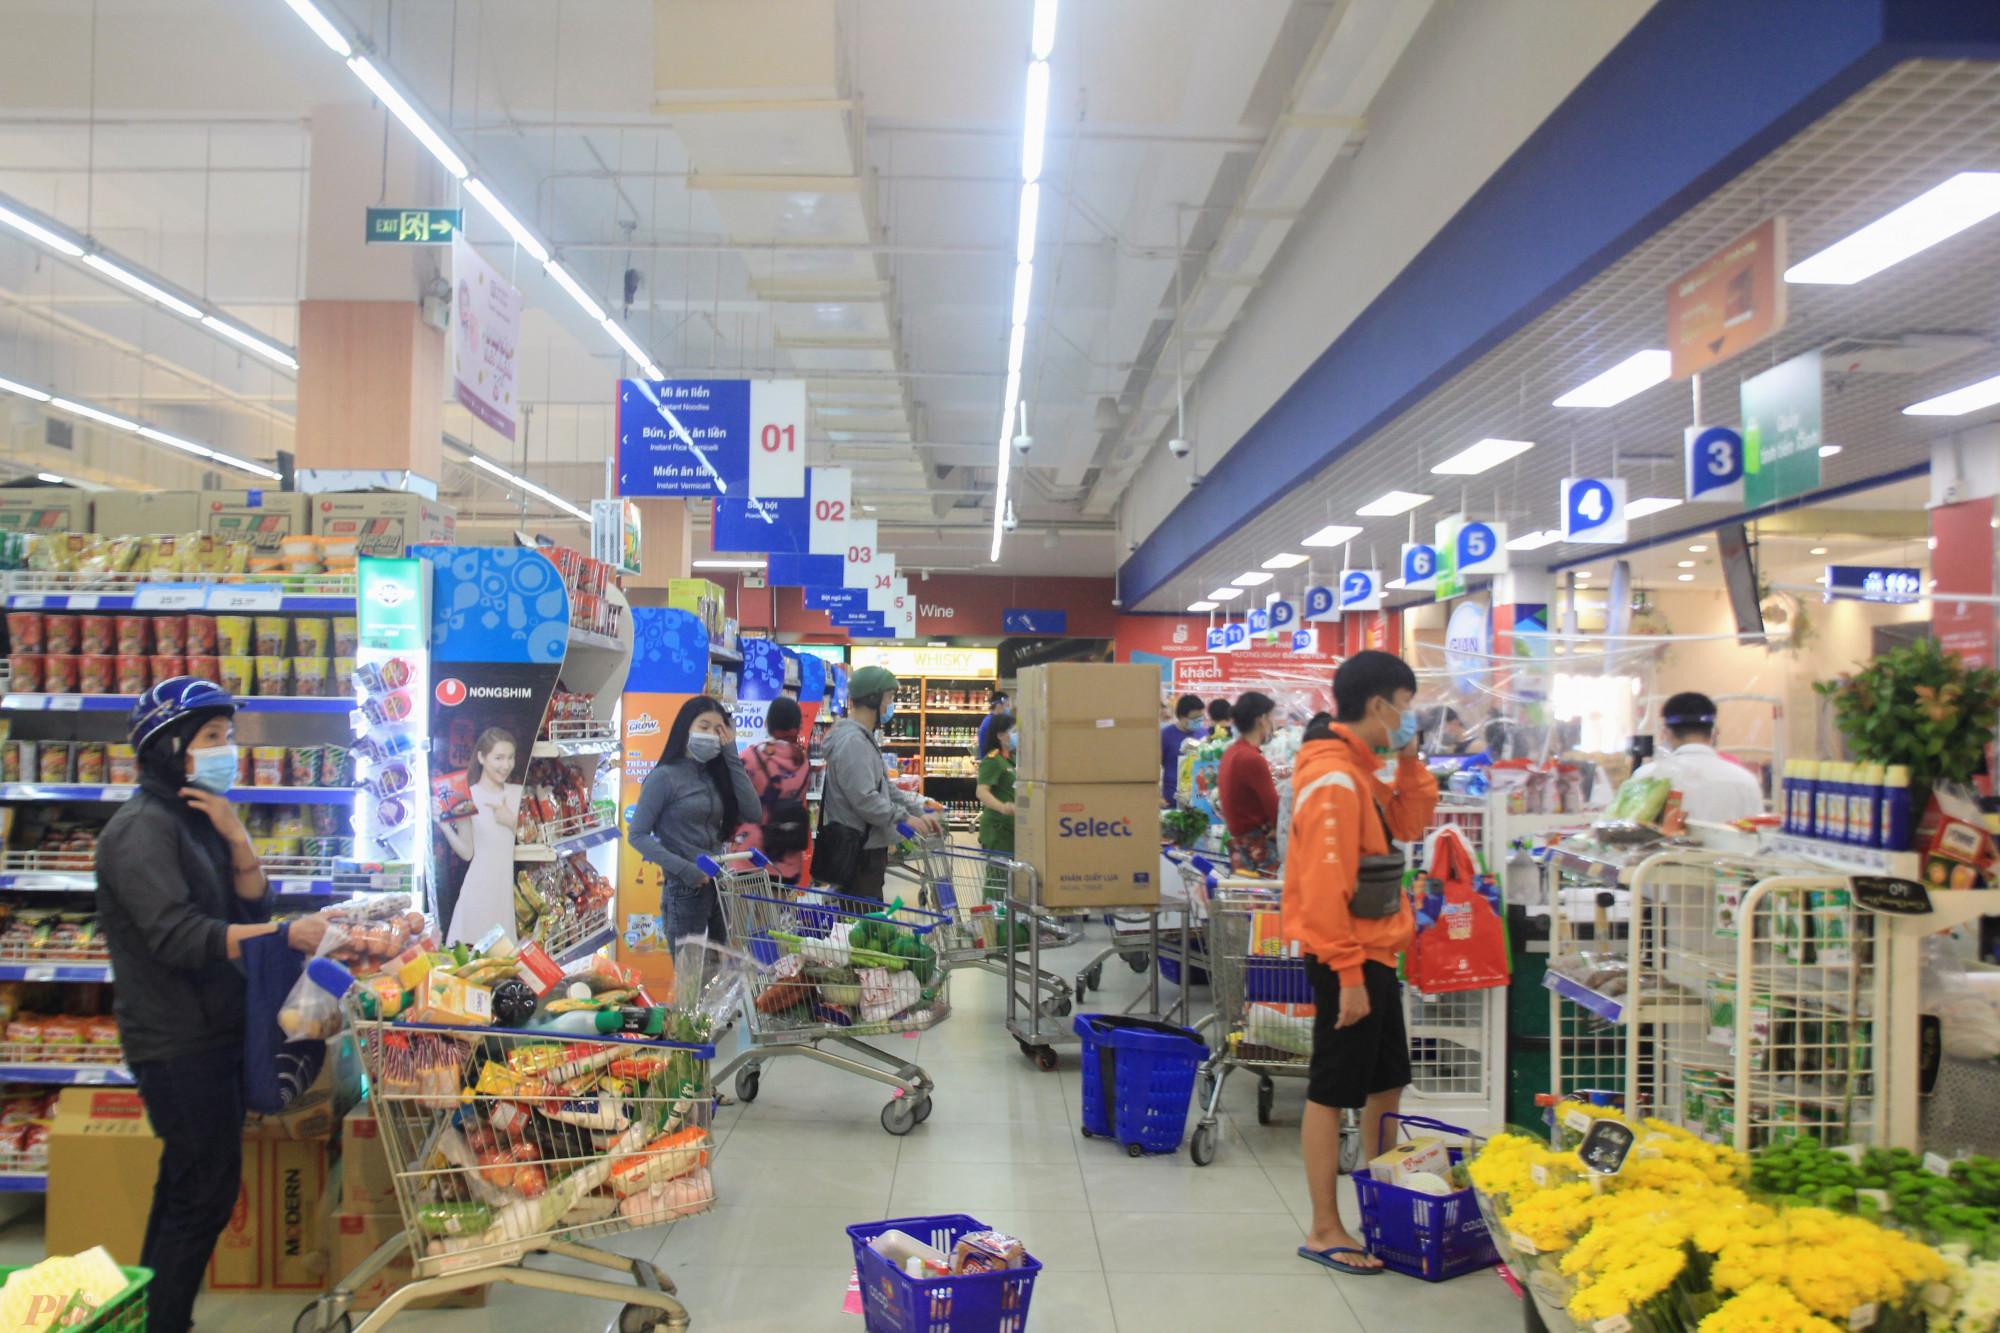 Sáng nay (16/9) siêu thị Co.op Mart (đường Huỳnh Tấn Phát, quận 7, TPHCM) mở bán trực tiếp trở lại phục vụ người dân.